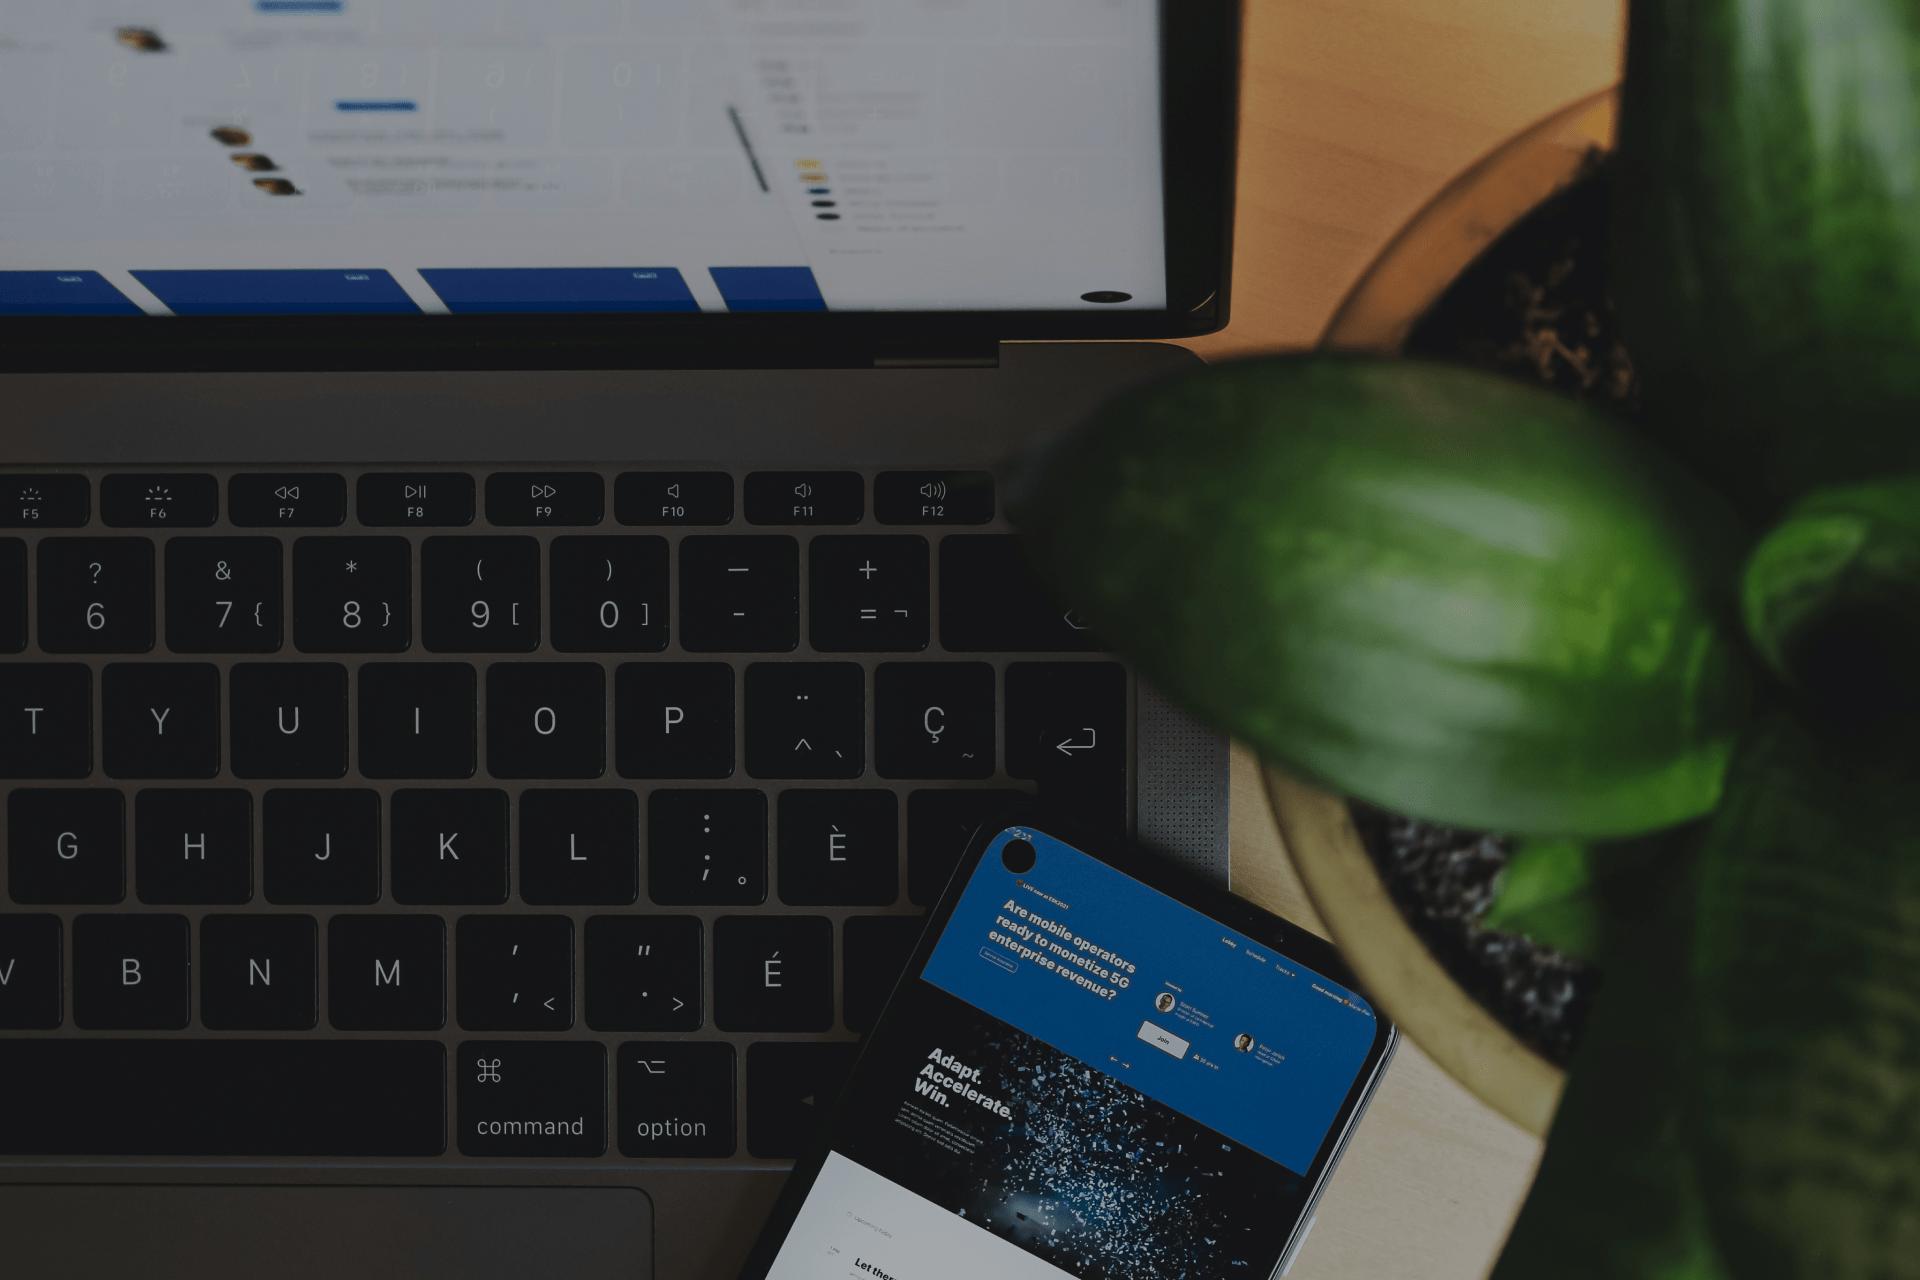 Správa webu, aktualizácie a kontrola bezpečnosti